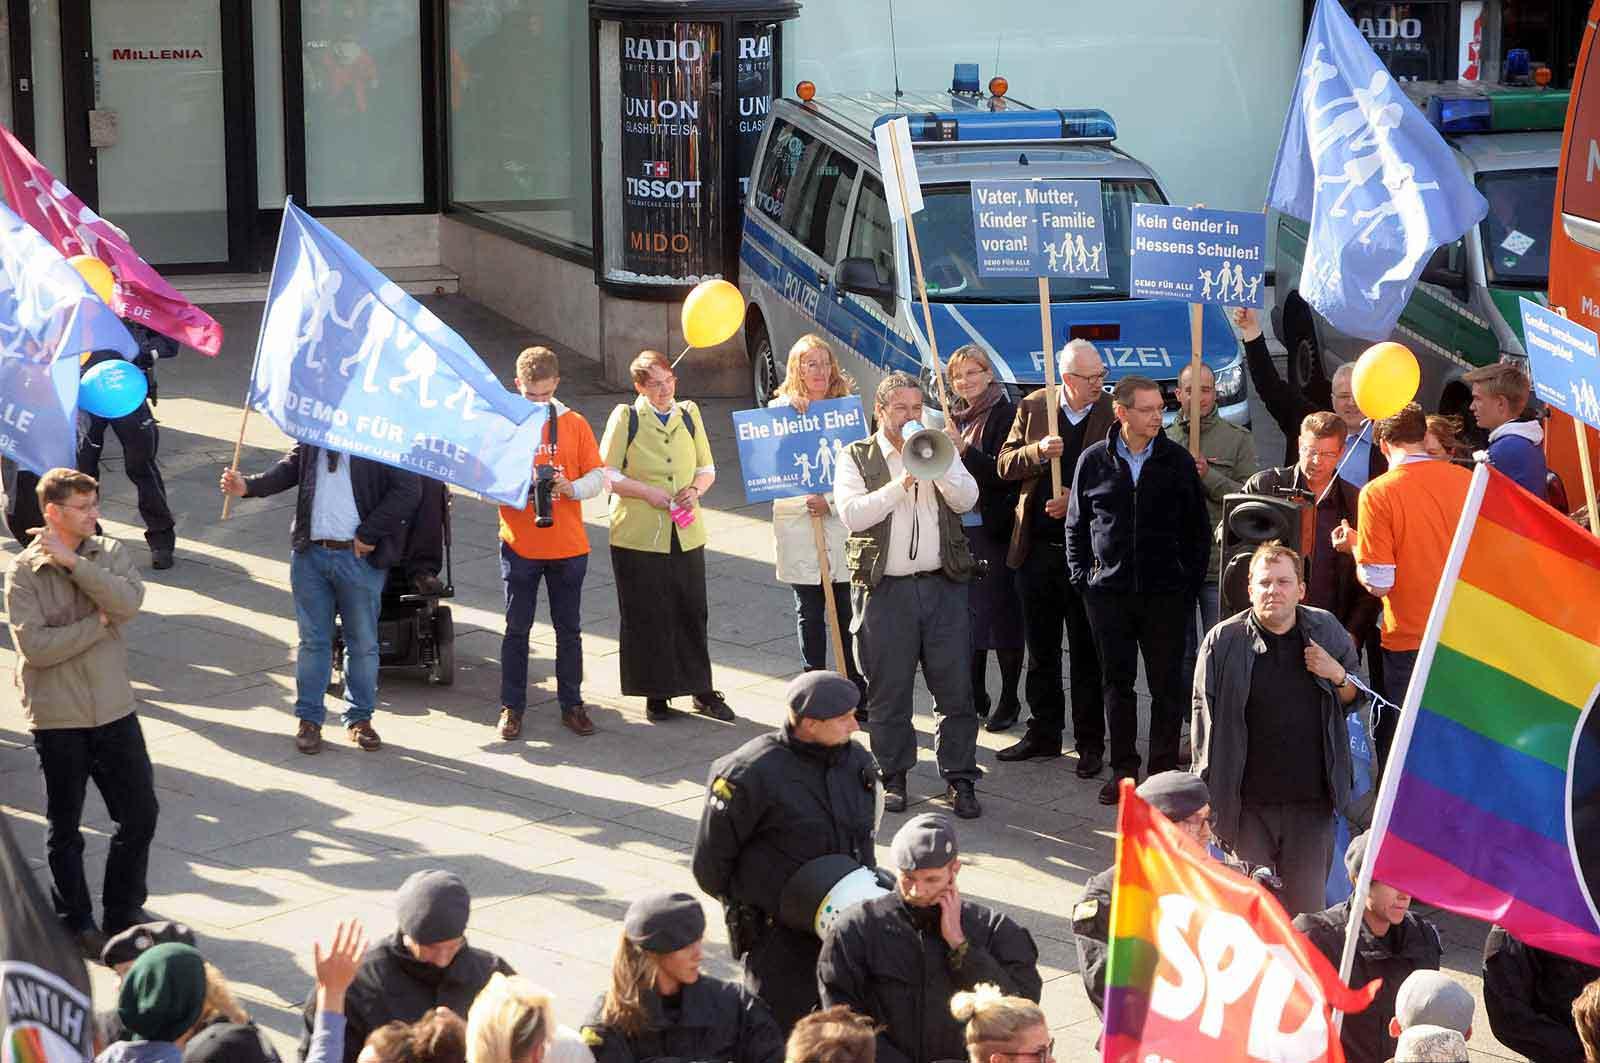 """Das politische Christentum ist recht überschaubar, es sind nur wenige Demonstranten, die dem Aufruf der """"Demo für alle"""" folgten. Foto: Bundesamt für magische Wesen)"""